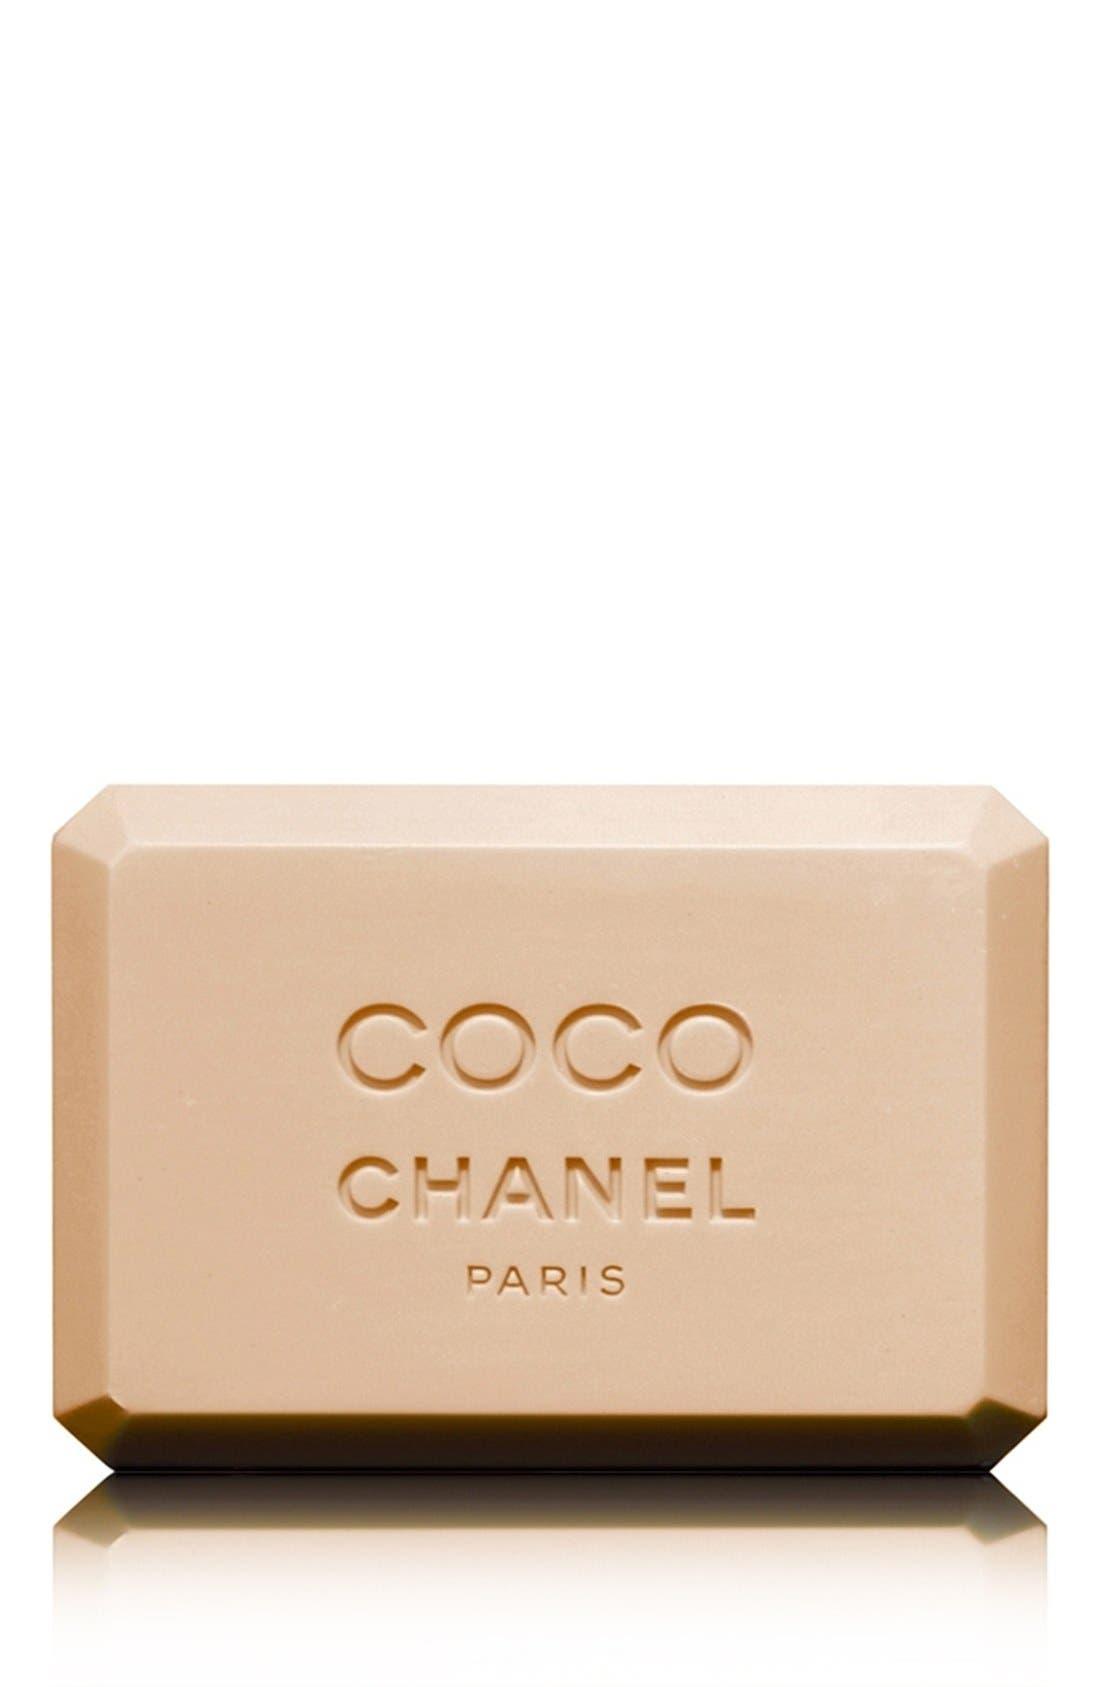 CHANEL COCO  Bath Soap